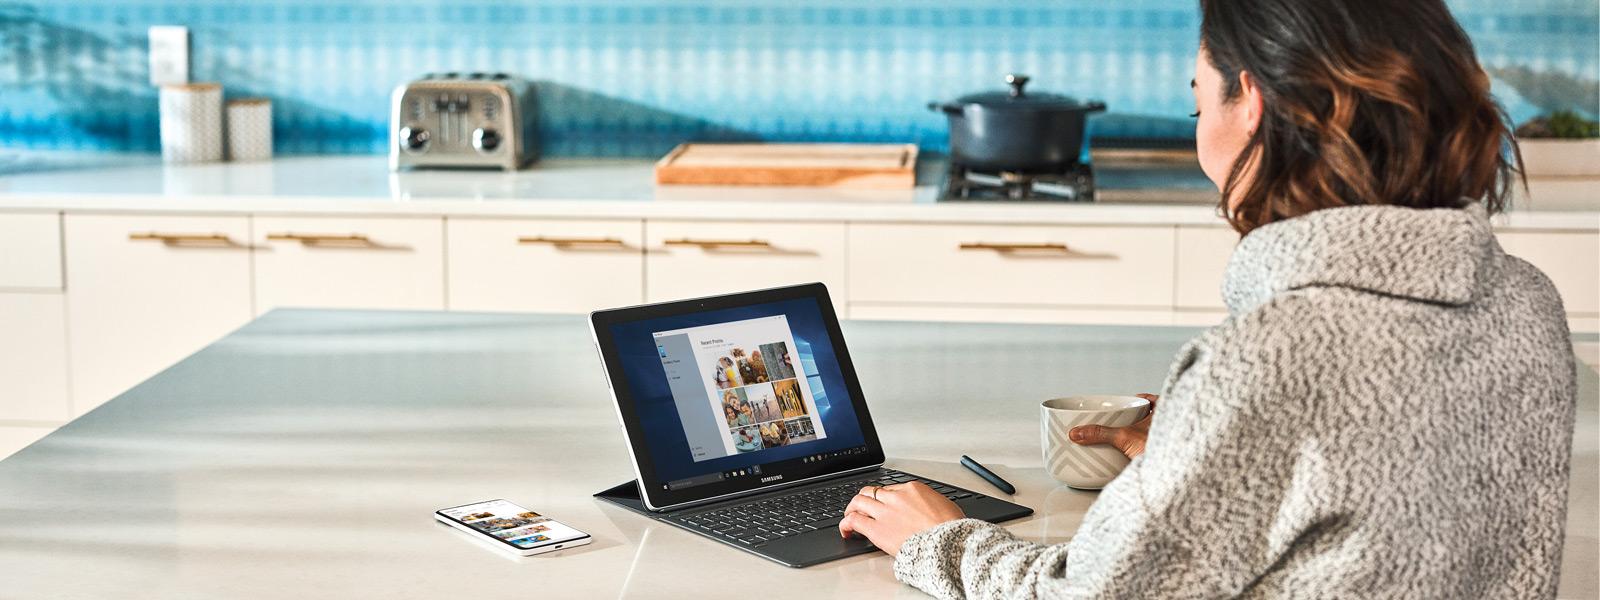 Жена, седяща на кухненския плот, която използва лаптоп с Windows 10 заедно с мобилния си телефон.